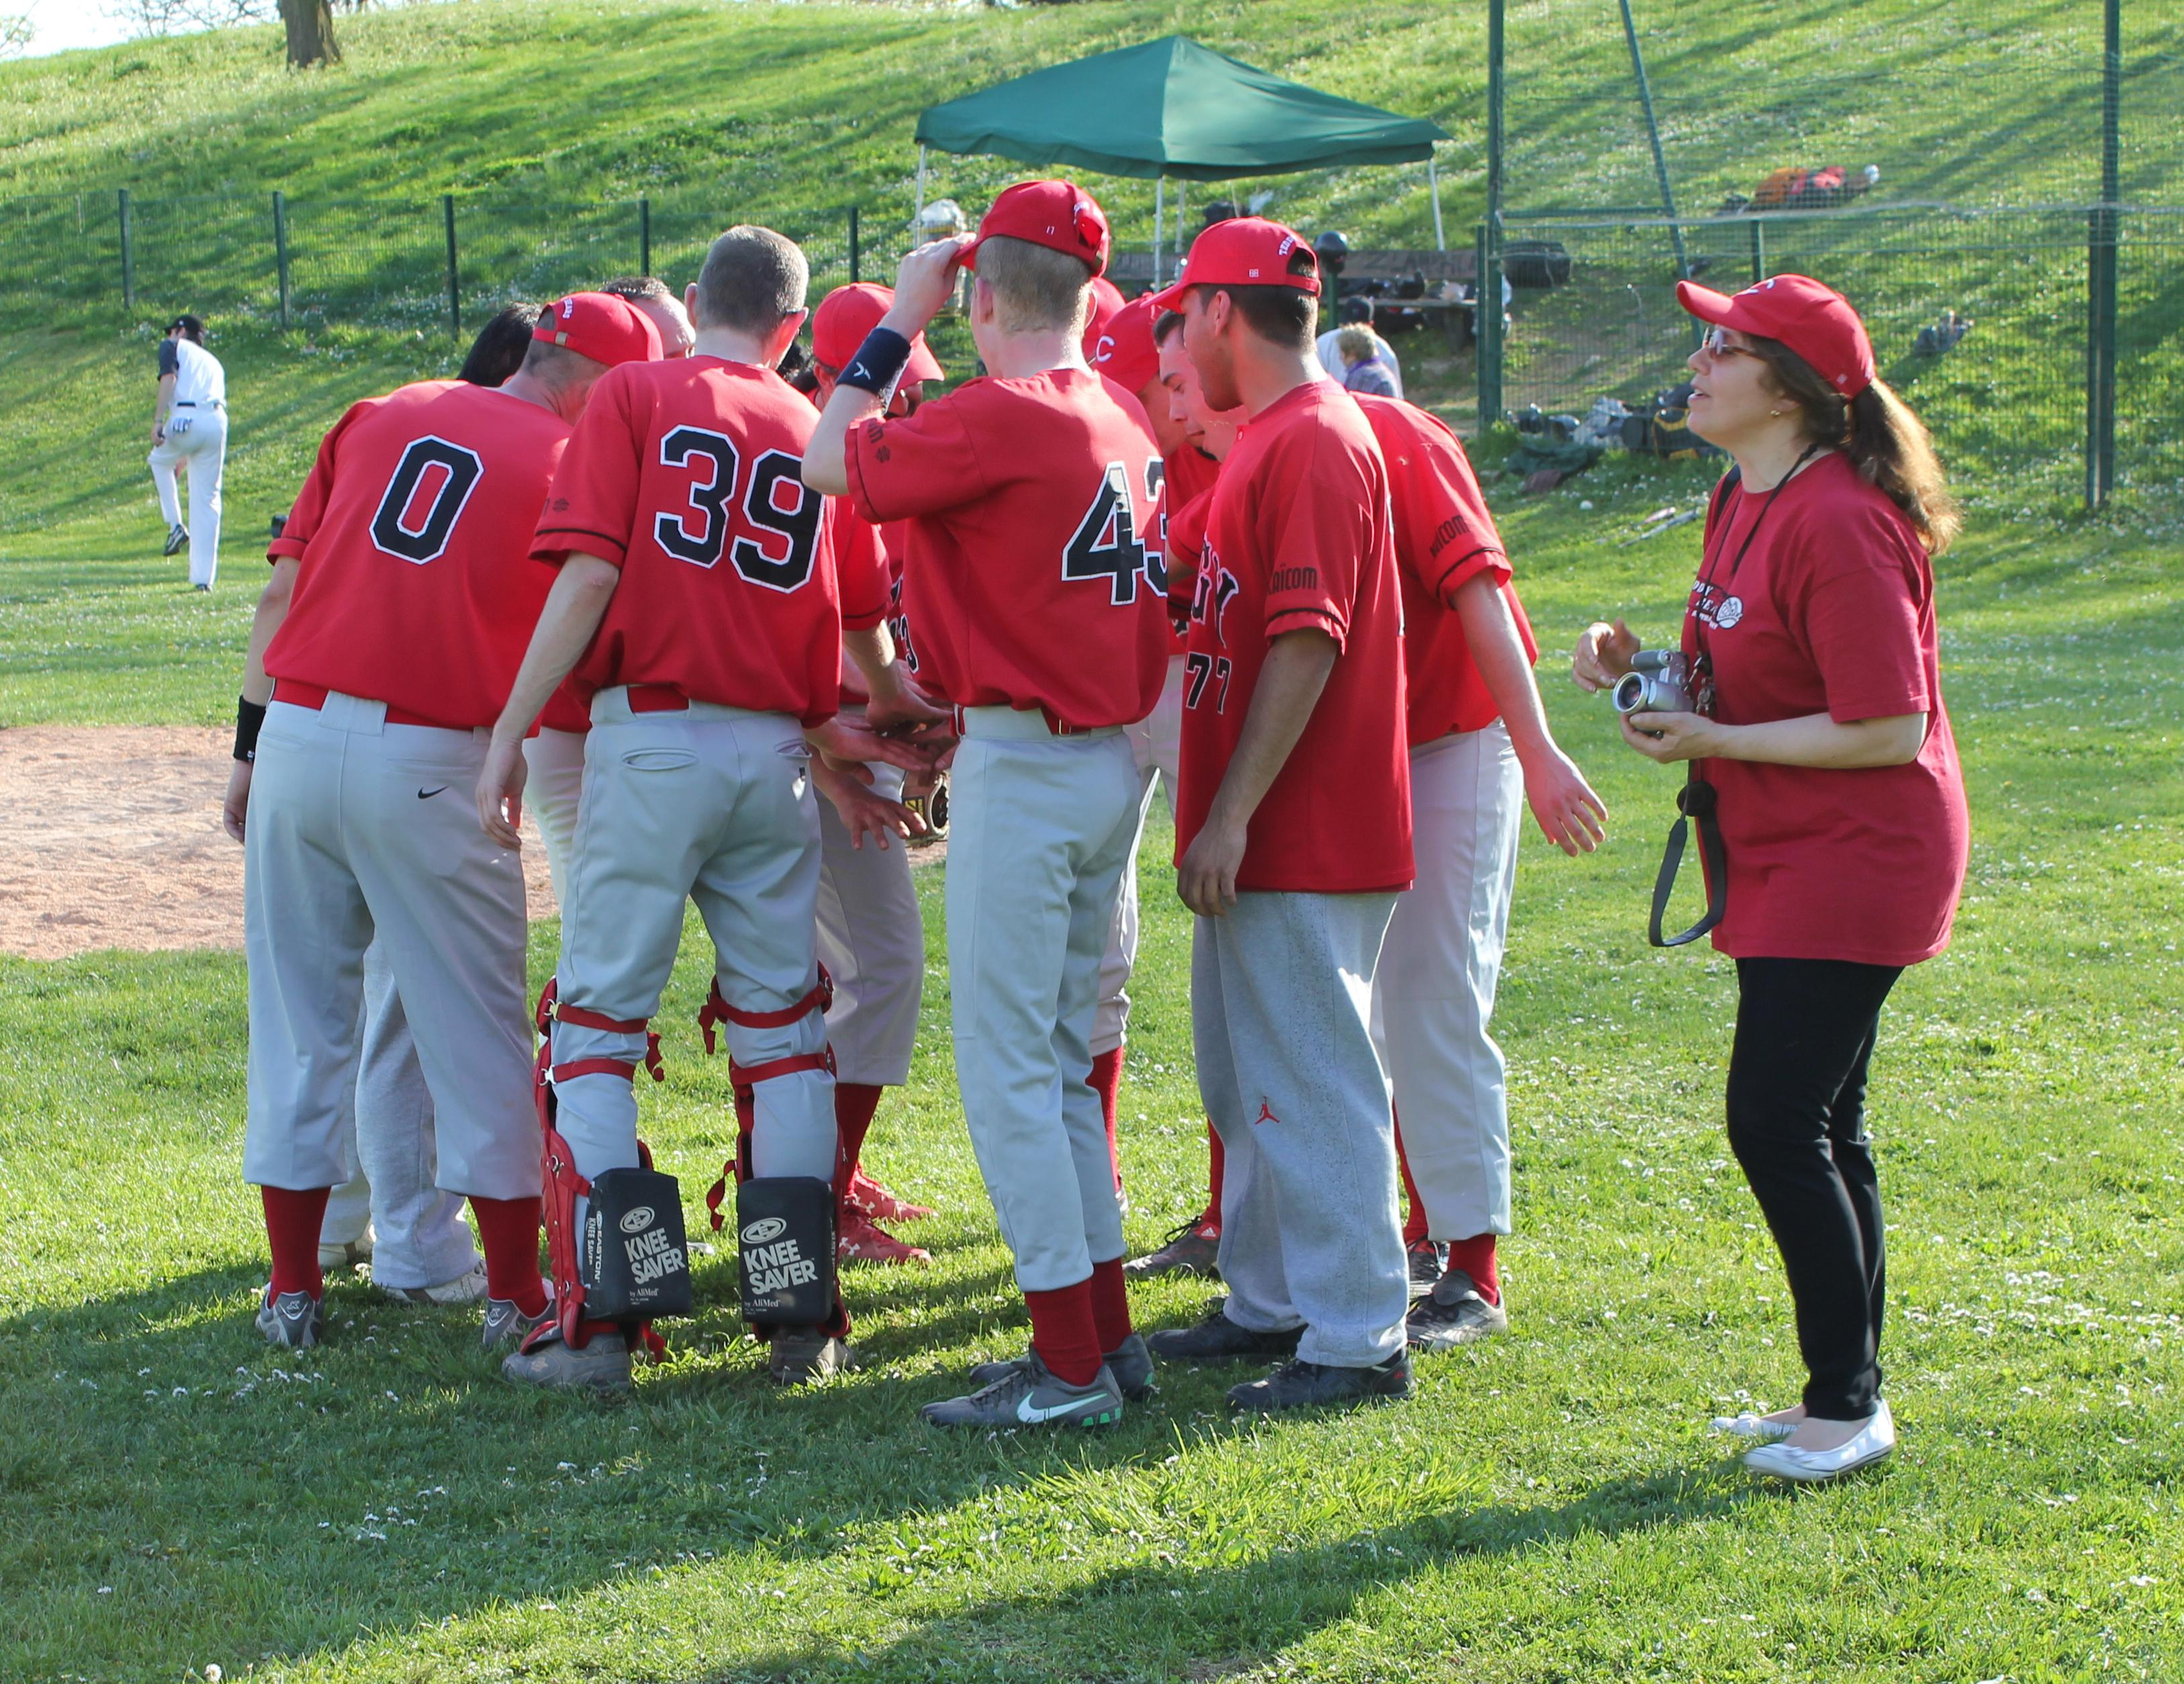 2011-04-10 - Baseball vs PUC 3 a Cergy (84)